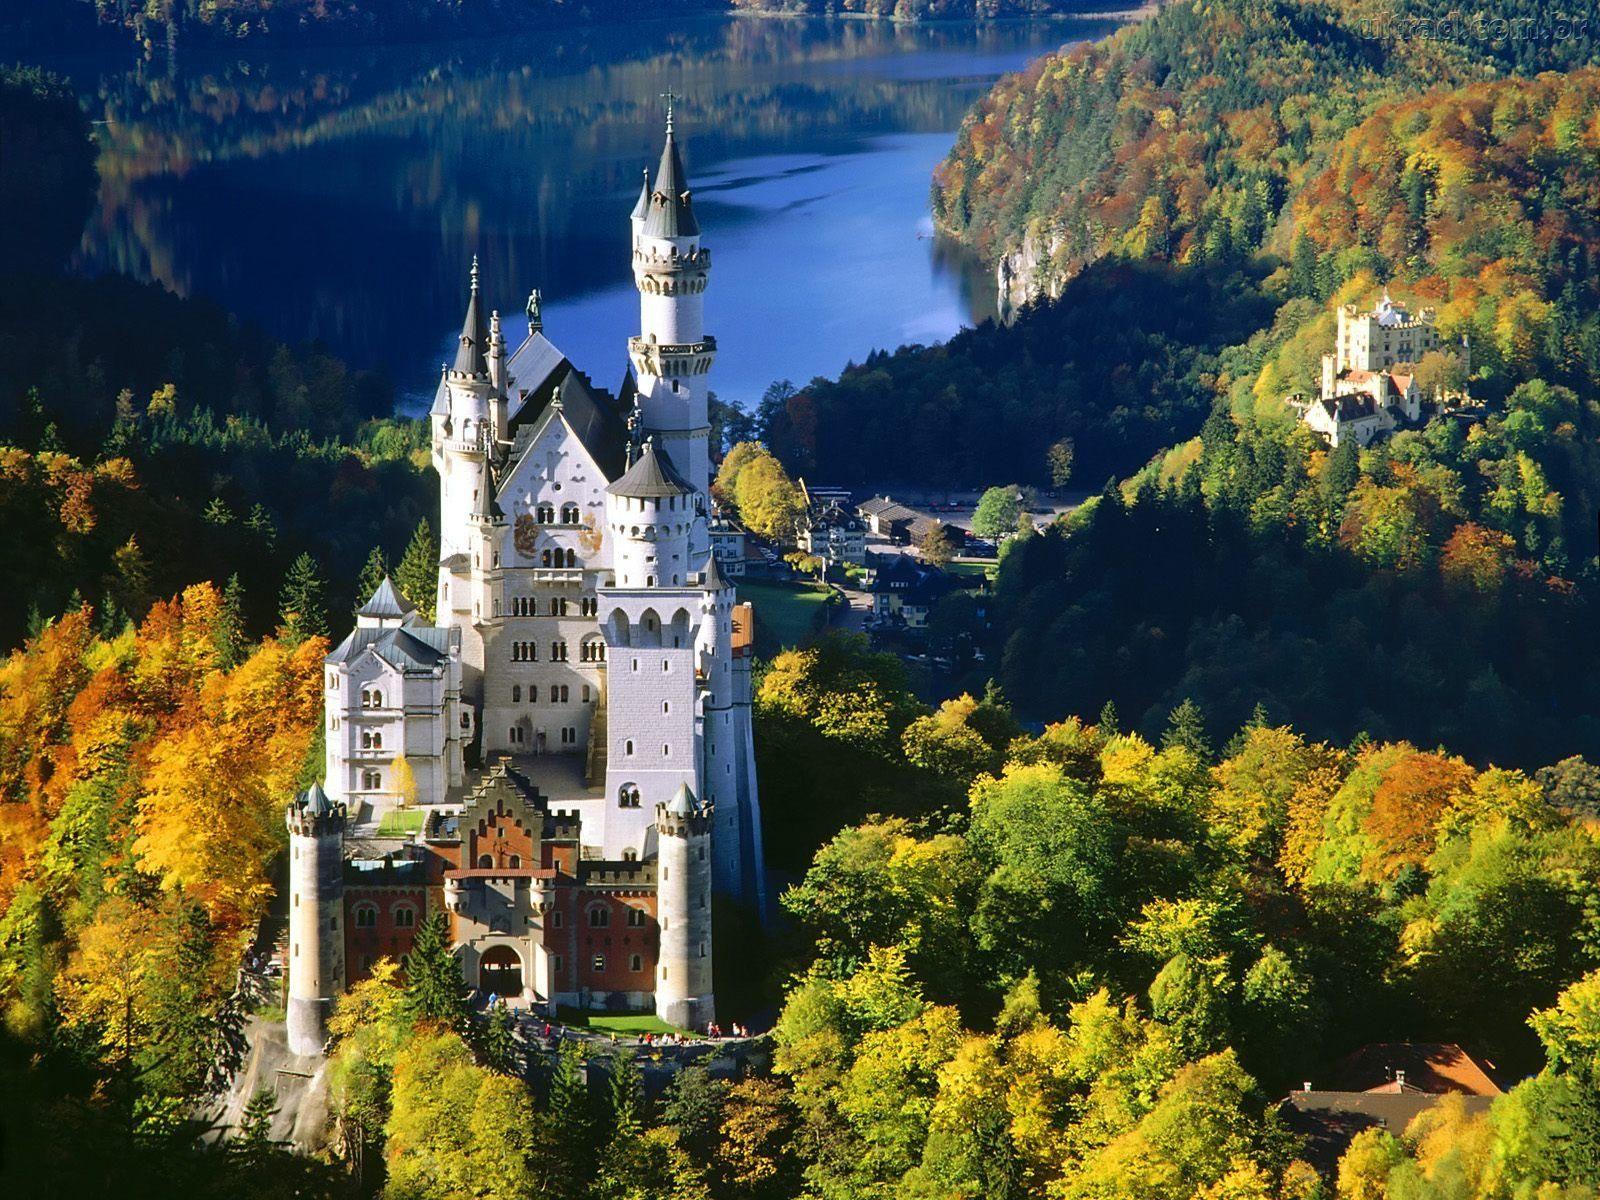 http://2.bp.blogspot.com/-z0uOk6-2Xhk/ToWJy7csweI/AAAAAAAAINo/xzYmYRMbV6o/s1600/70119_Papel-de-Parede-Castelo-de-Neuschwanstein-Alemanha--70119_1600x1200.jpg